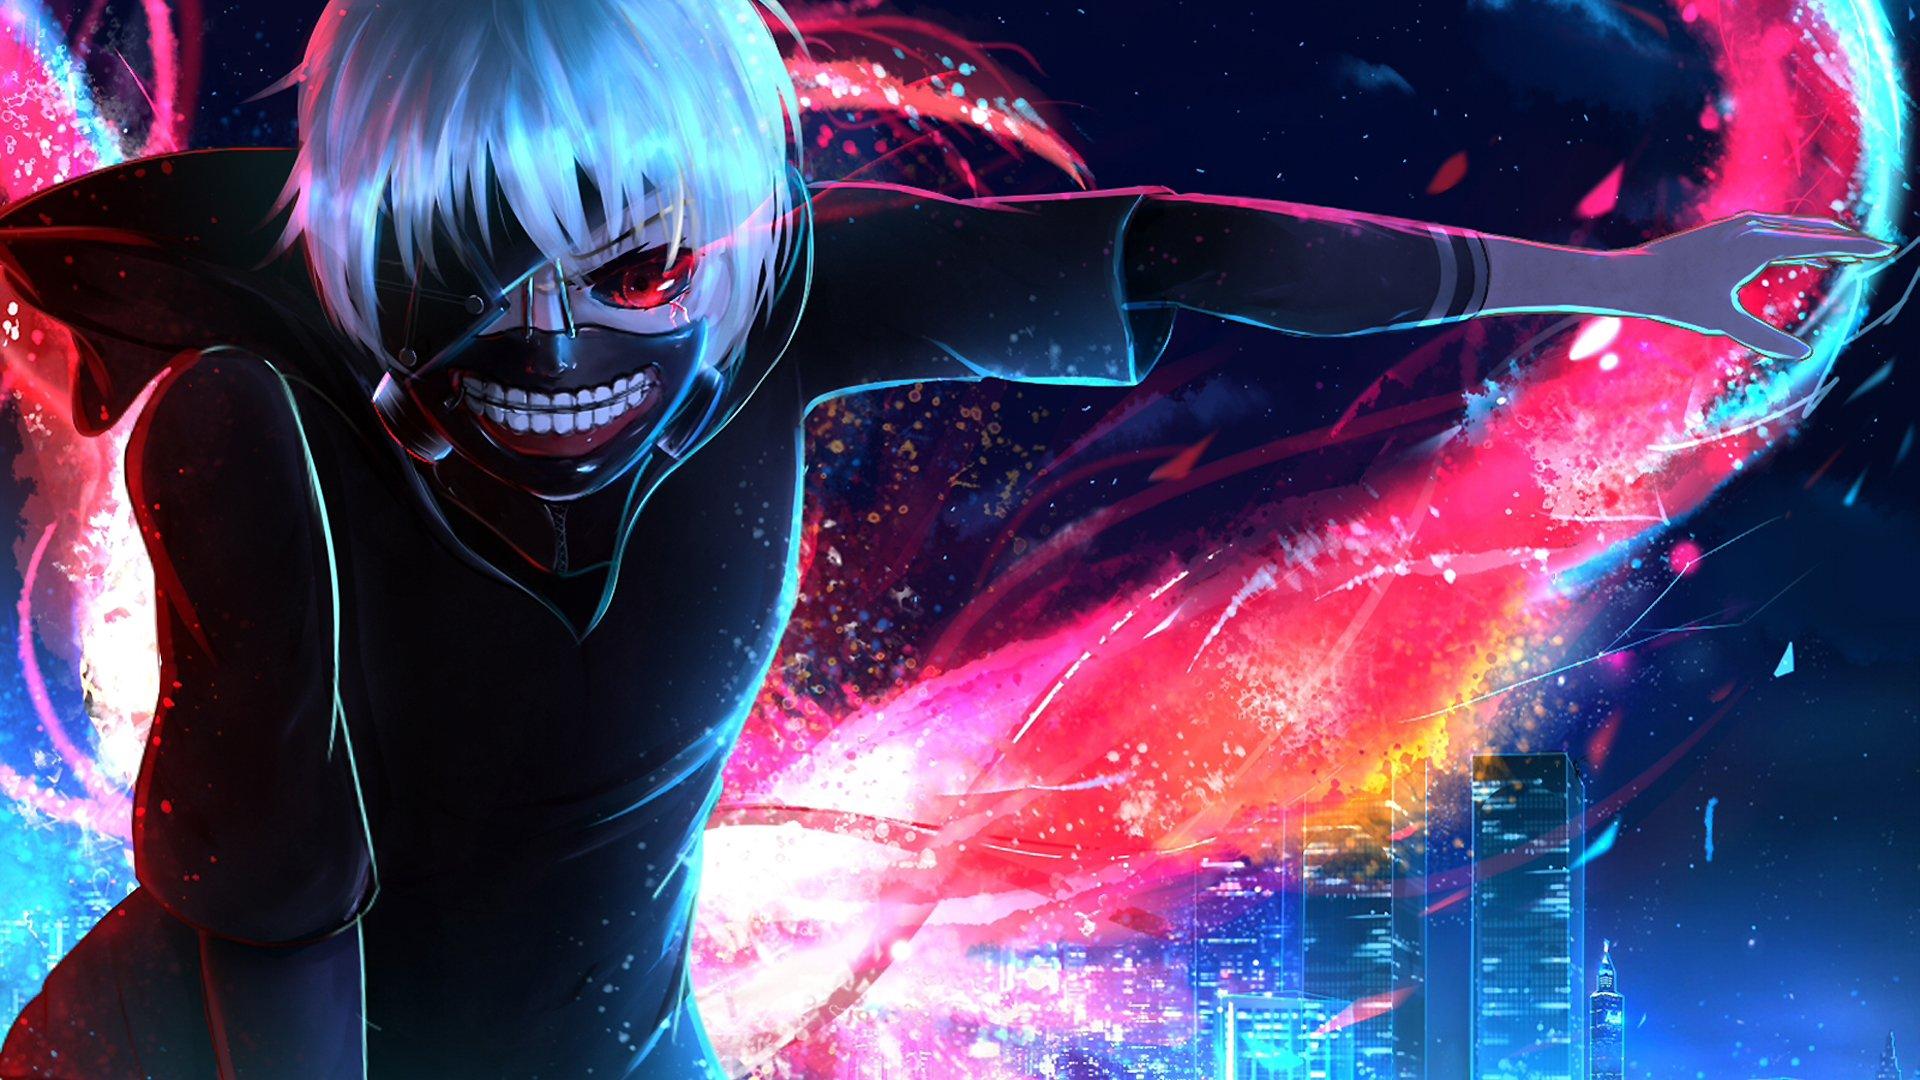 Fondos de pantalla Anime Ken Kaneki de Tokyo Ghoul